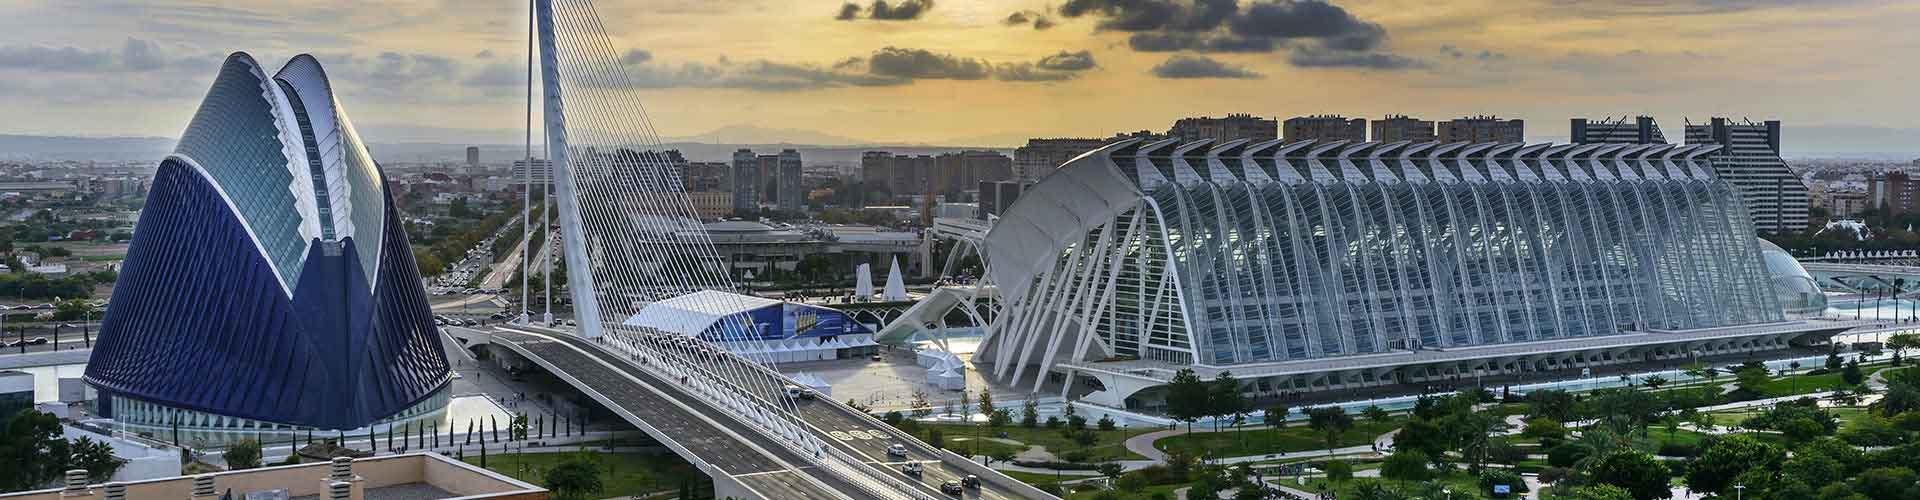 Valencia – Huoneistot lähellä maamerkkiä Valencia lentokenttä. Valencia -karttoja, valokuvia ja arvosteluja kaikista Valencia -huoneistoista.